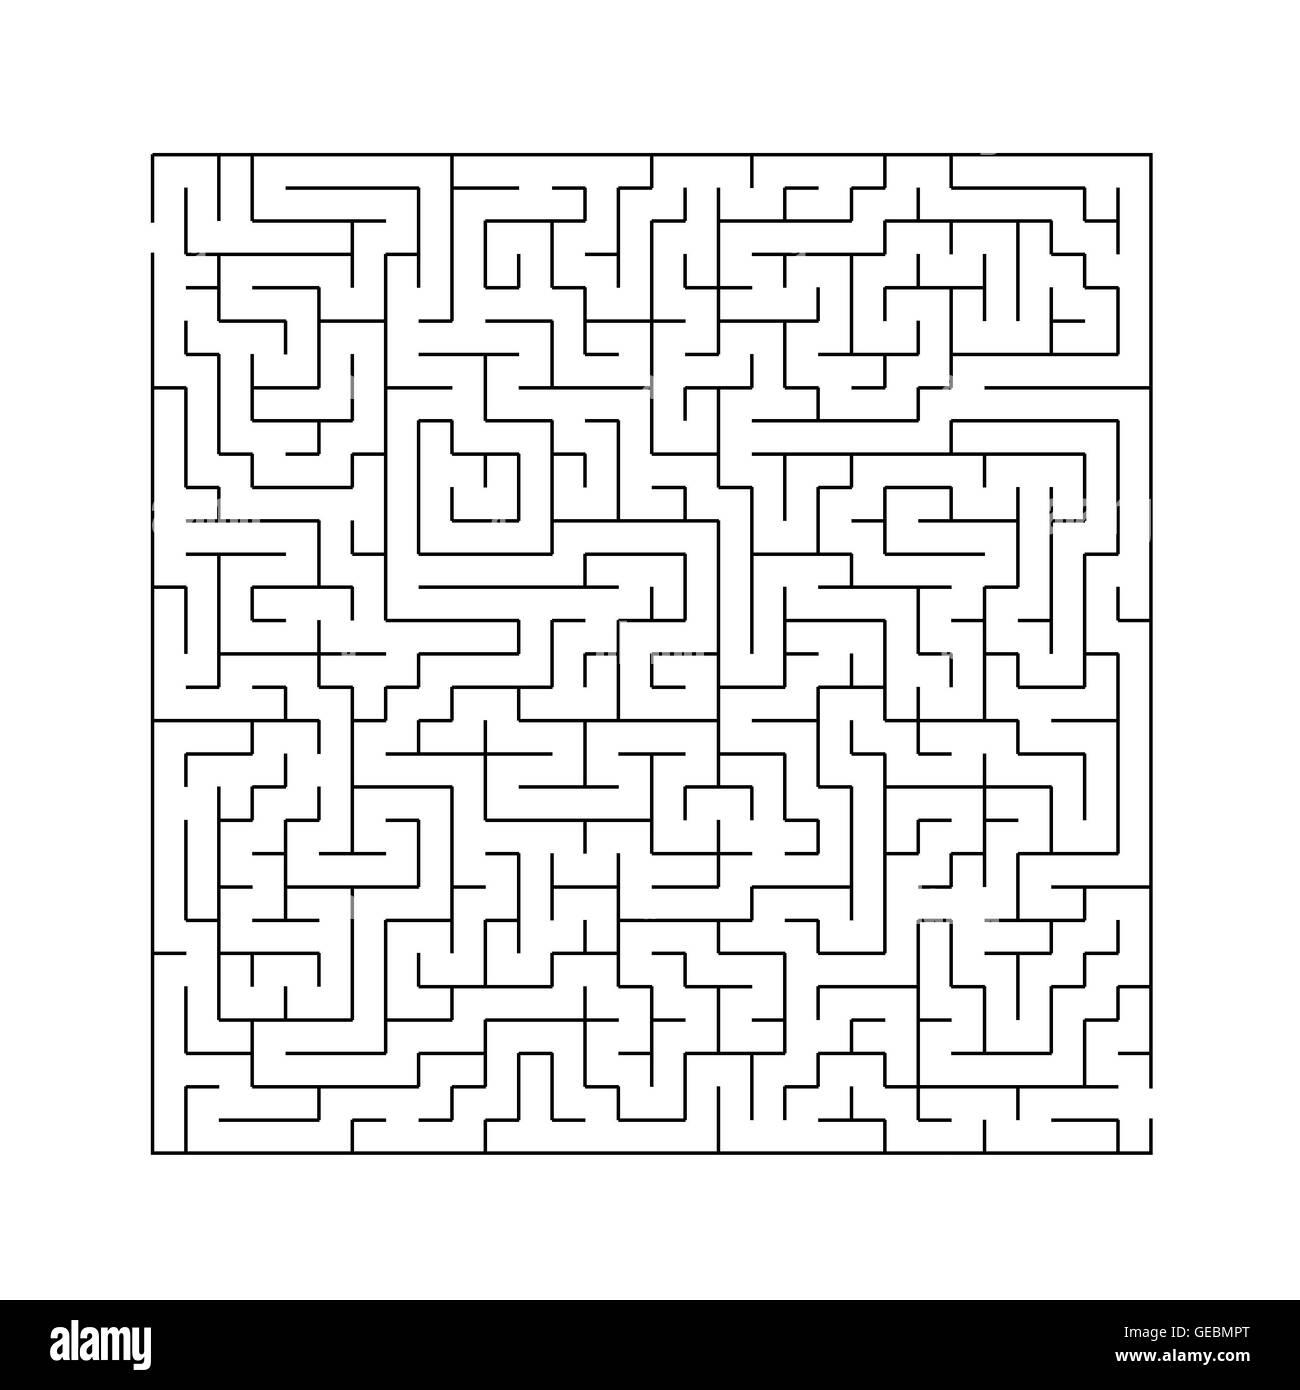 Labyrinth Kids Maze Stockfotos & Labyrinth Kids Maze Bilder - Alamy